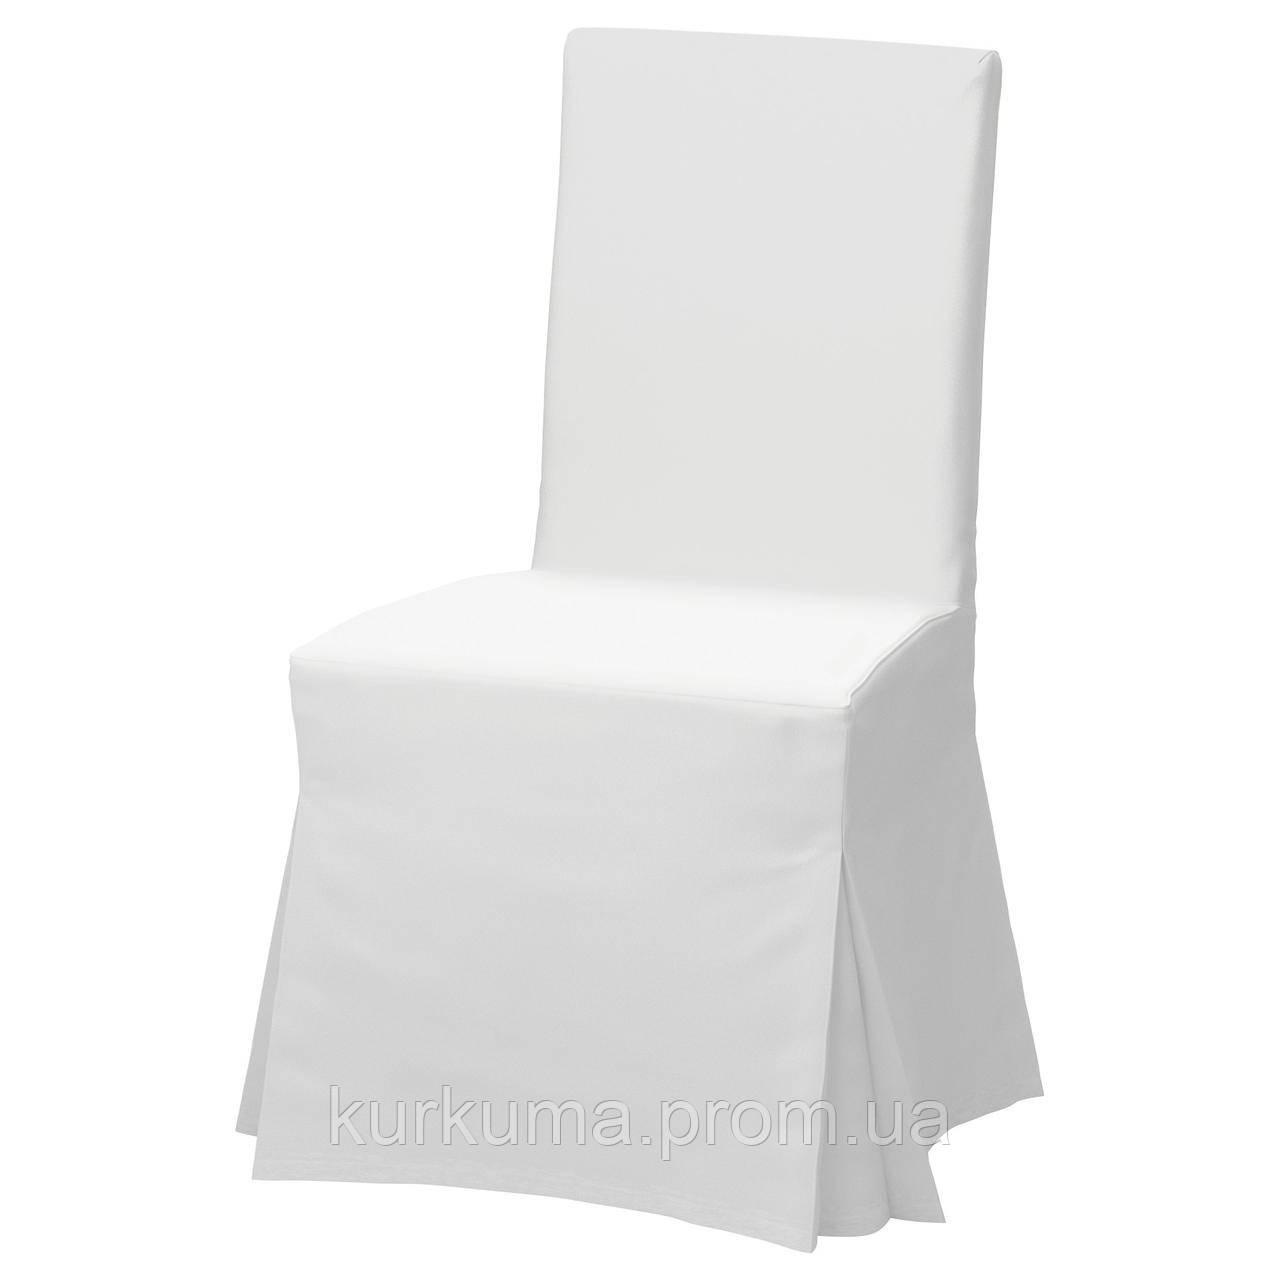 IKEA HENRIKSDAL Стул с длинным чехлом, коричневый, Блекинге белый  (092.208.42)